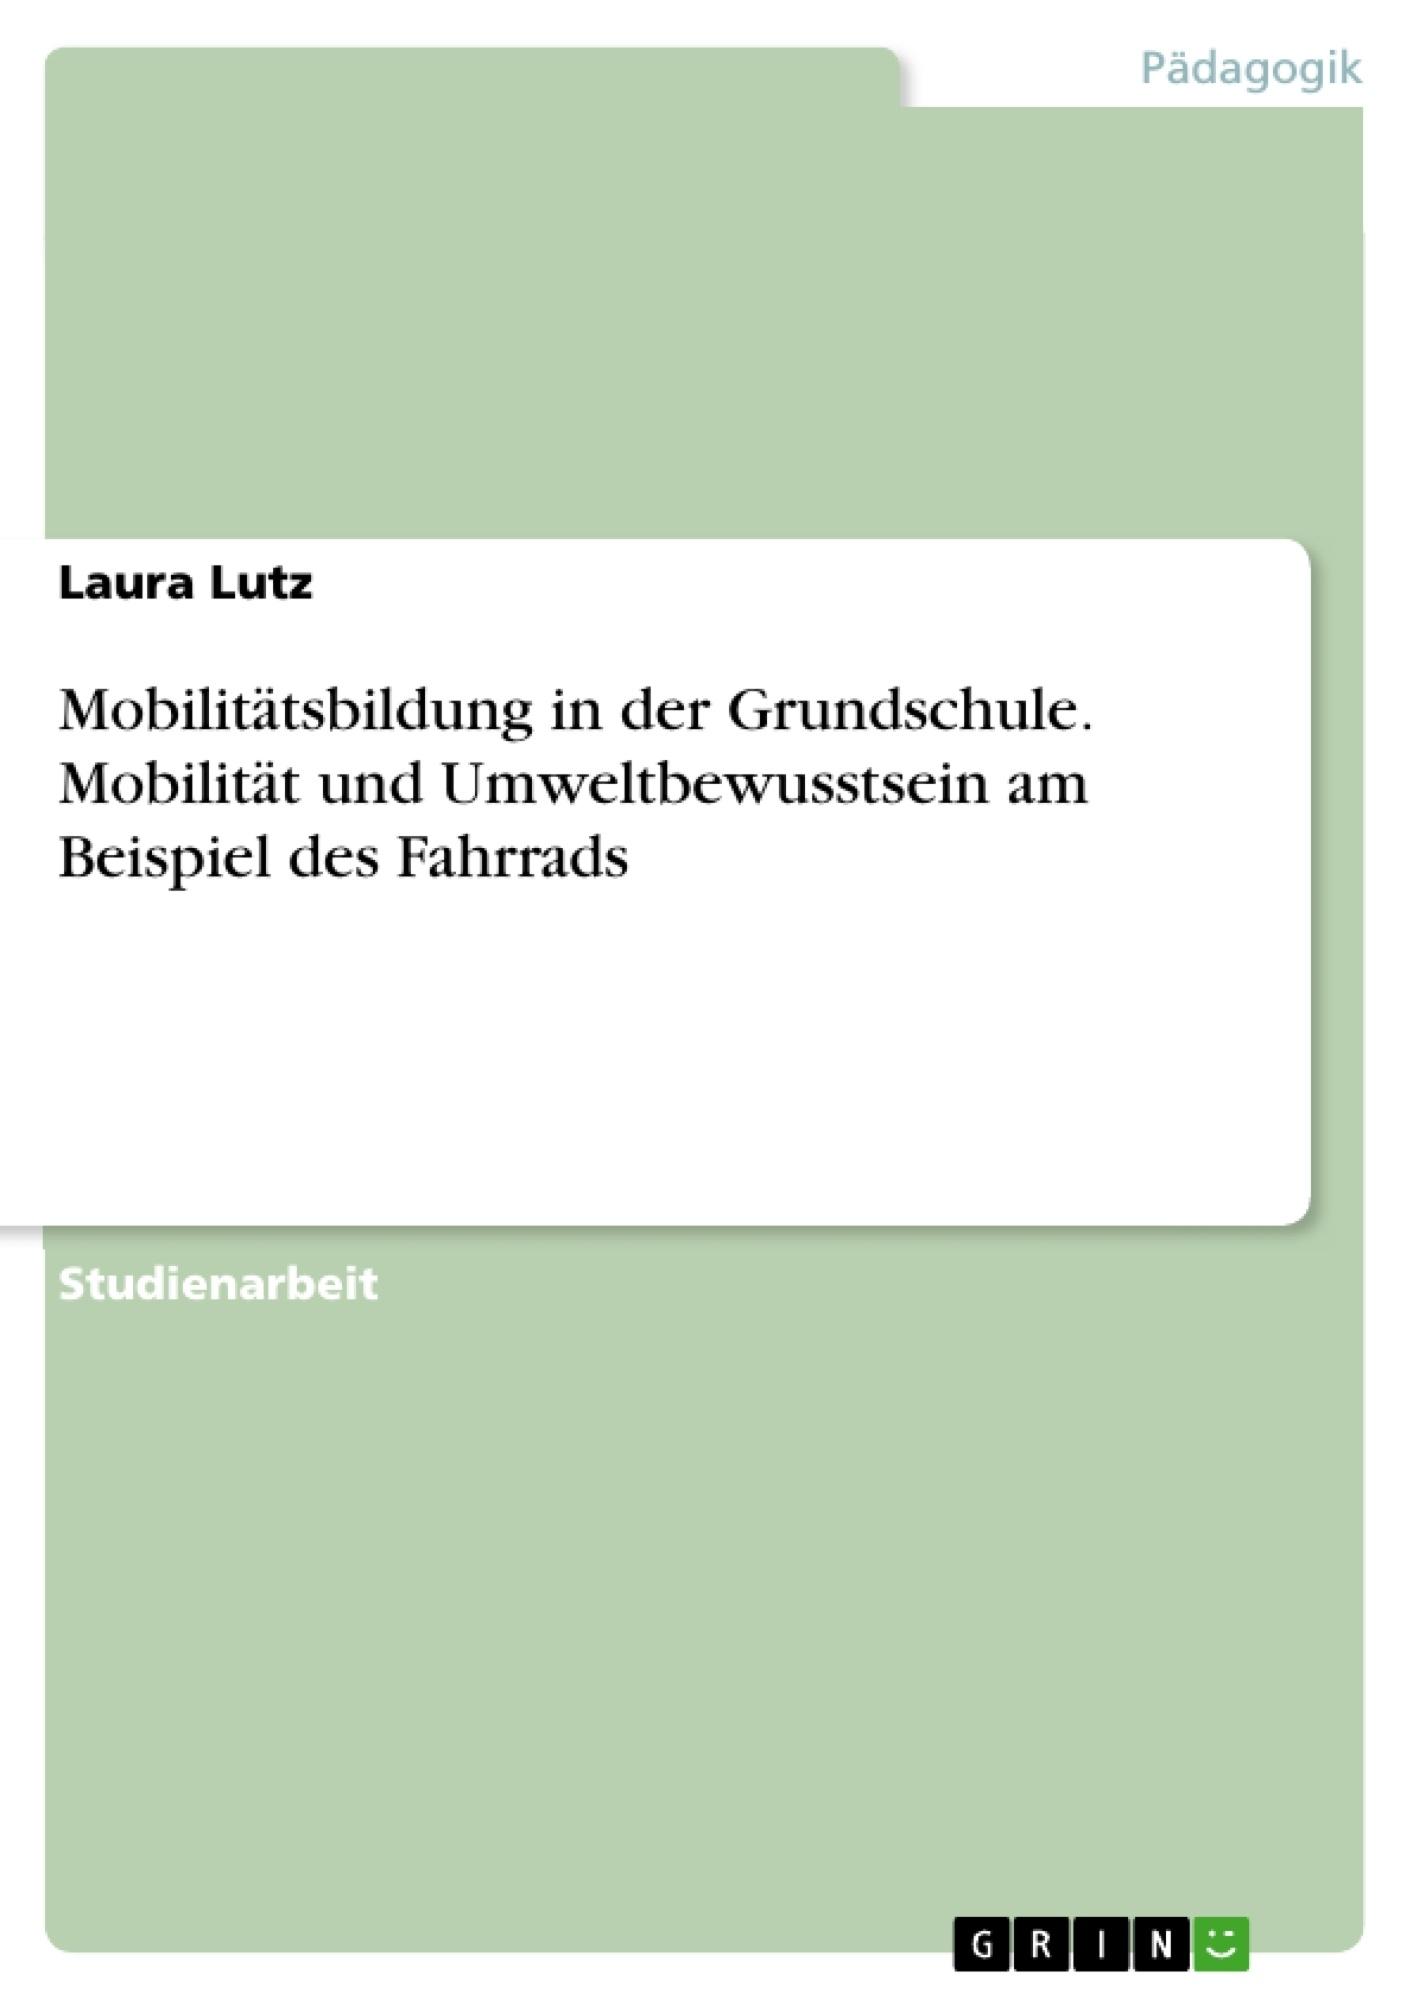 Titel: Mobilitätsbildung in der Grundschule. Mobilität und Umweltbewusstsein am Beispiel des Fahrrads